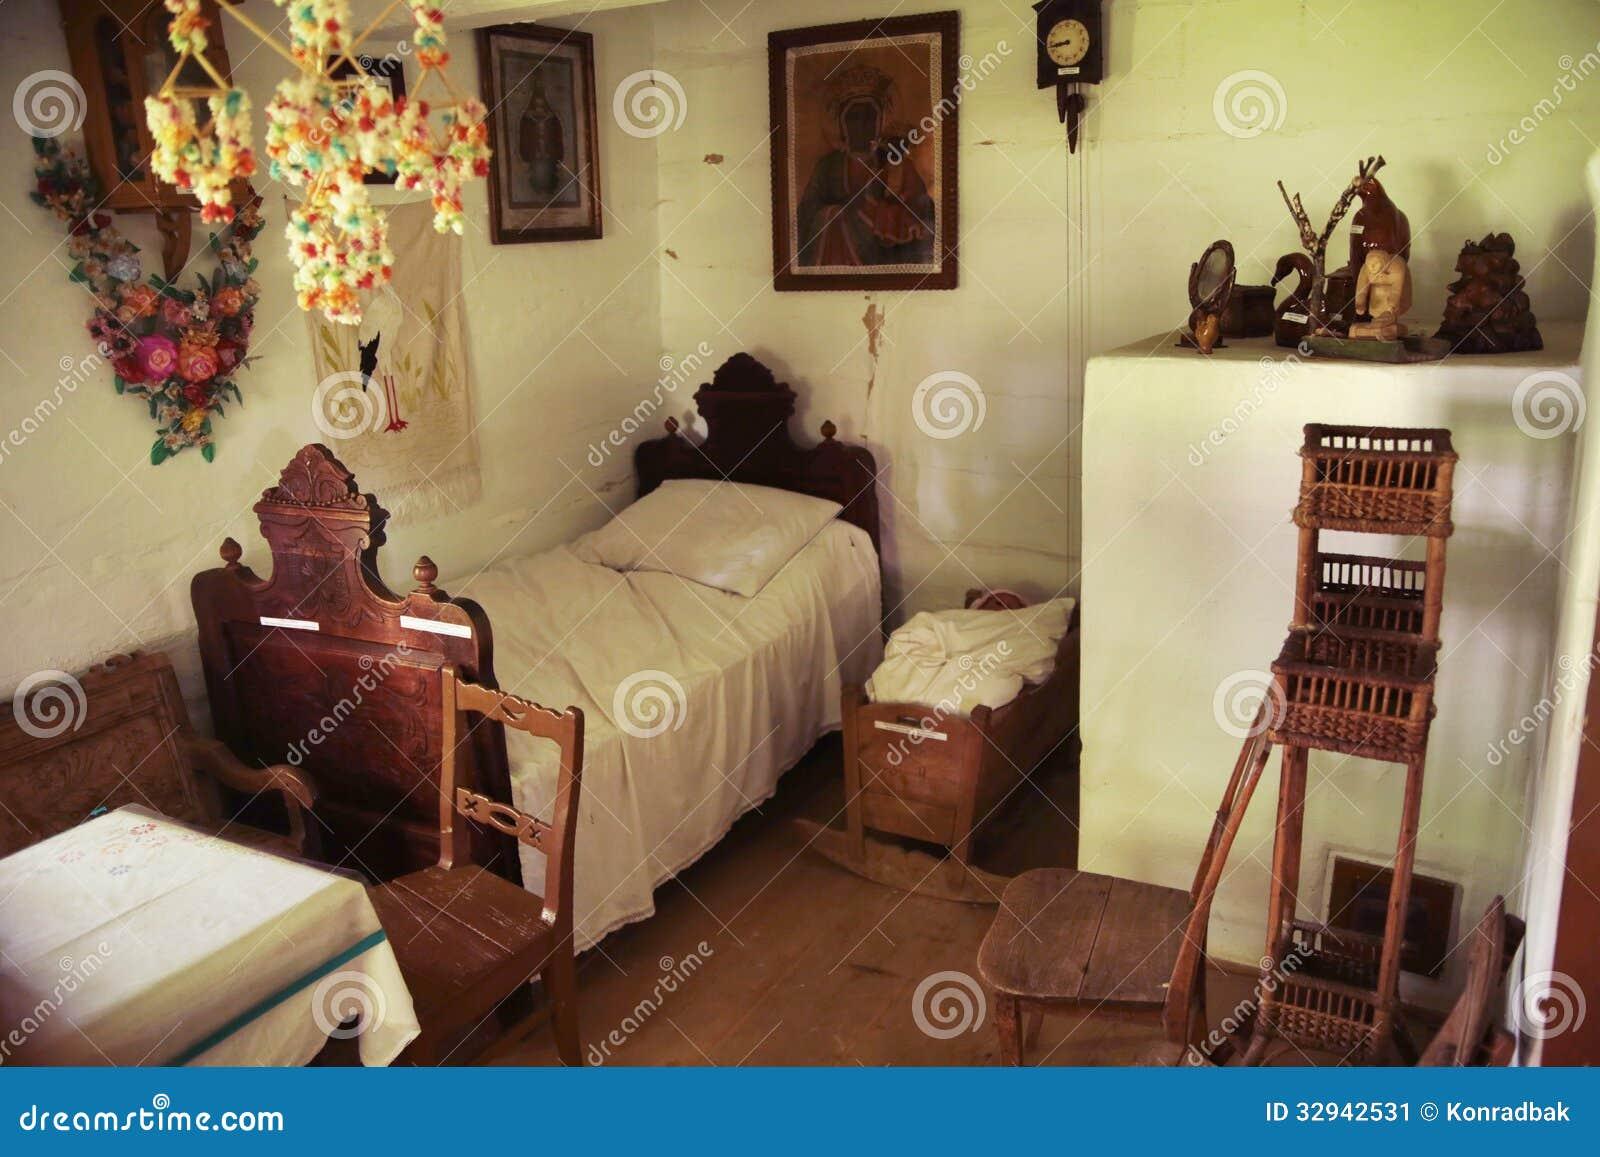 Una Vecchia Camera Da Letto Di Legno E Rustica Immagine Stock - Immagine: 32942531